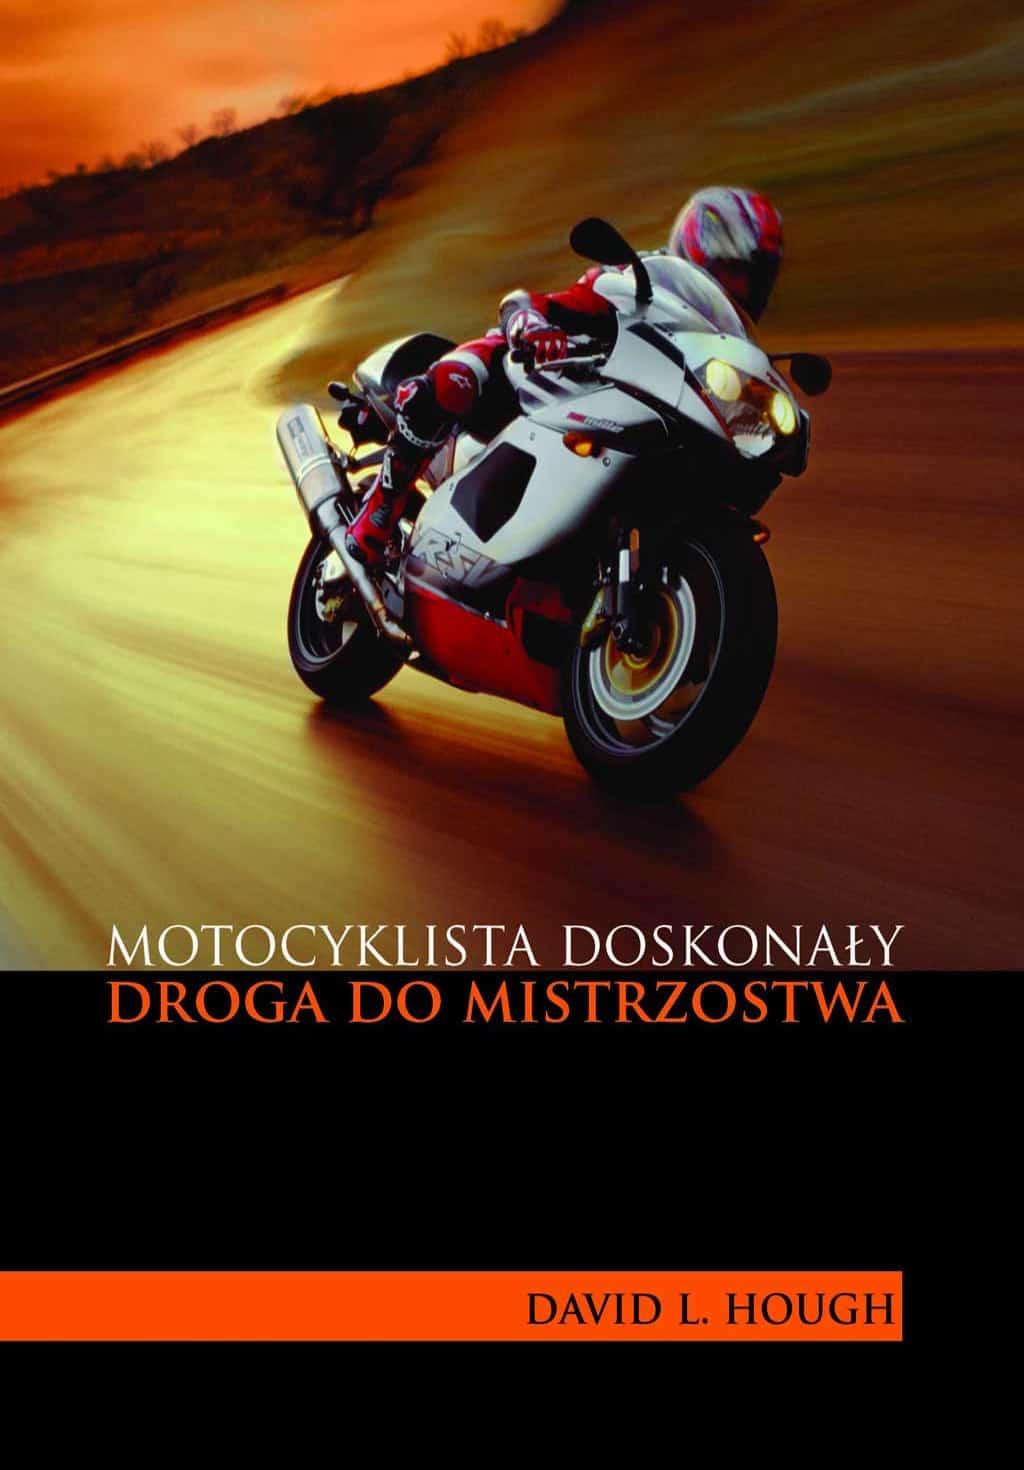 okładka książki motocyklista doskonaly droga domistrzostwa